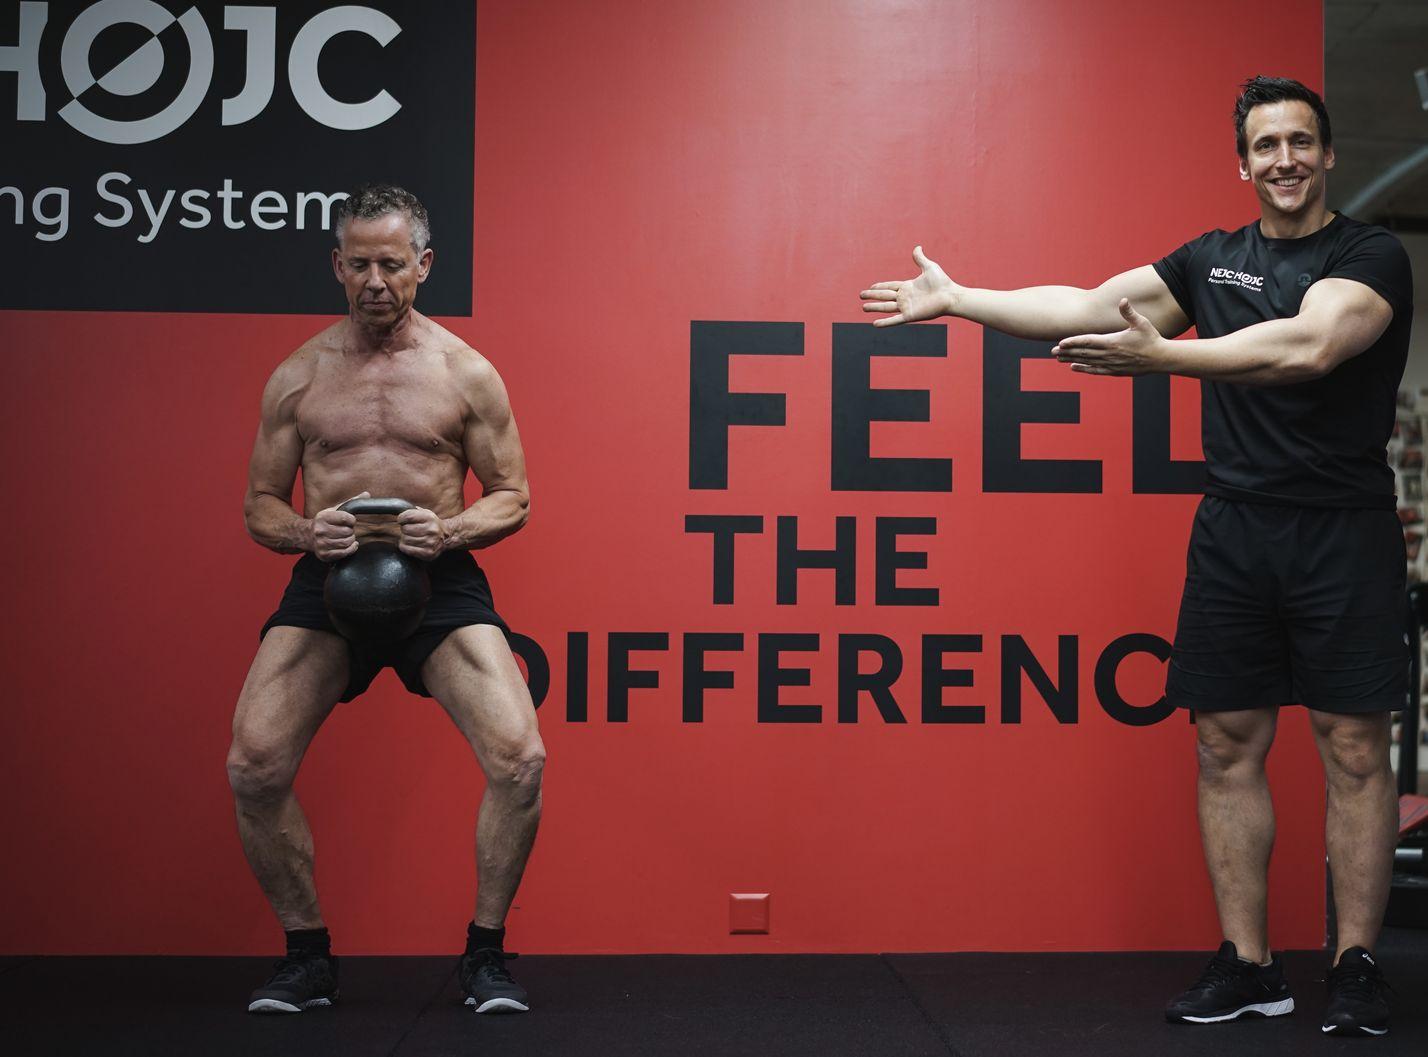 Ergebnis: -20kg nach der 8 Wochen Body-Transformation Challenge mit Dr. Nikolaus Linde